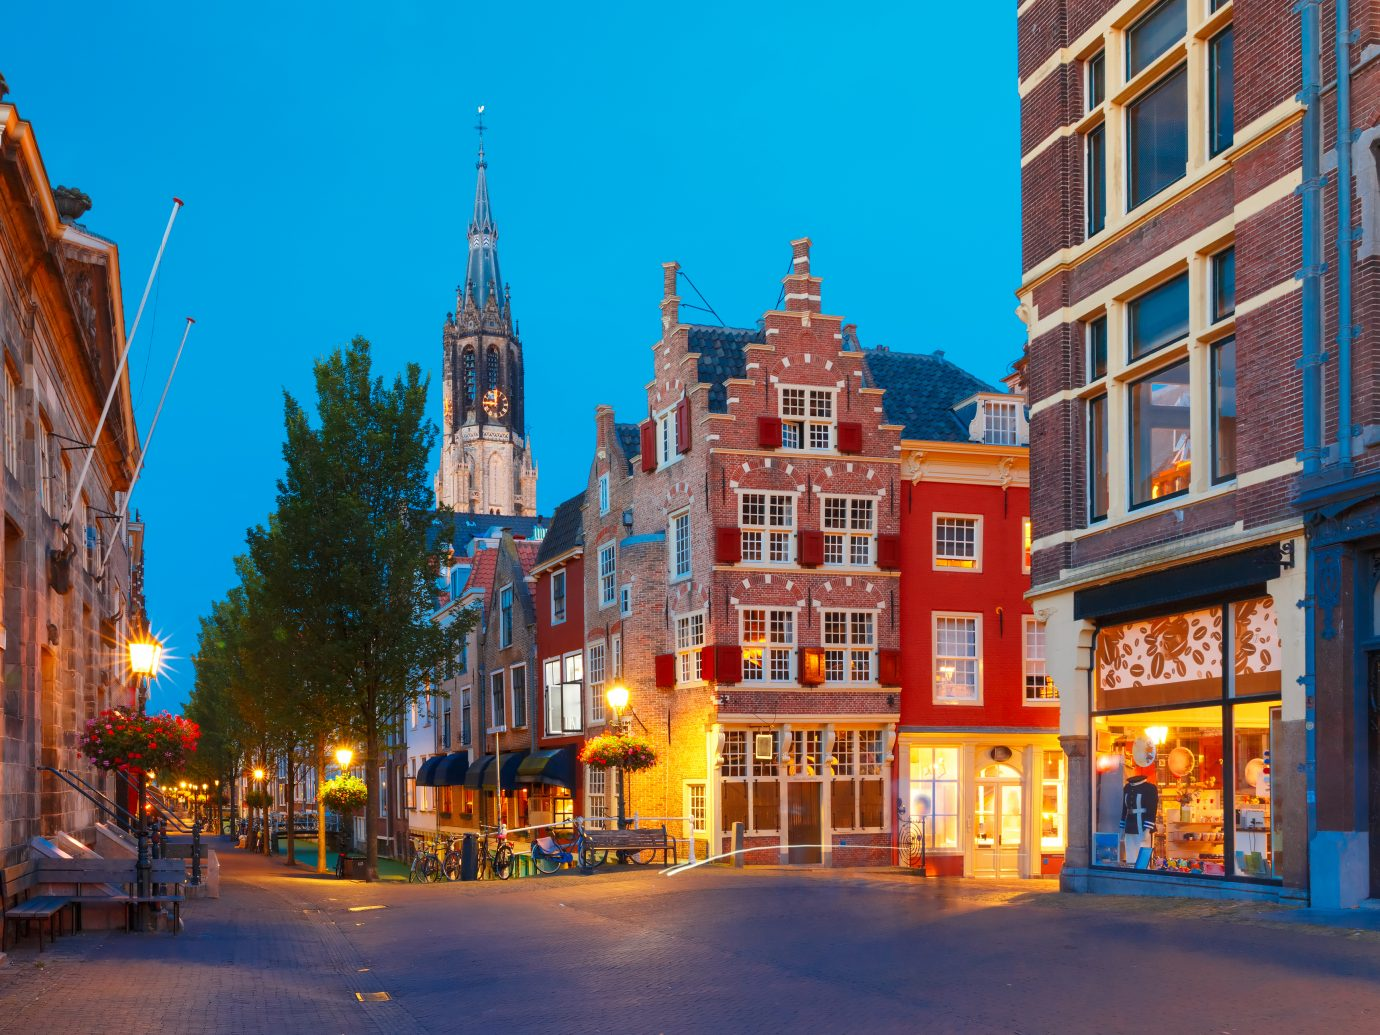 Nieuwe Kerk in Delft, Holland, Netherlands